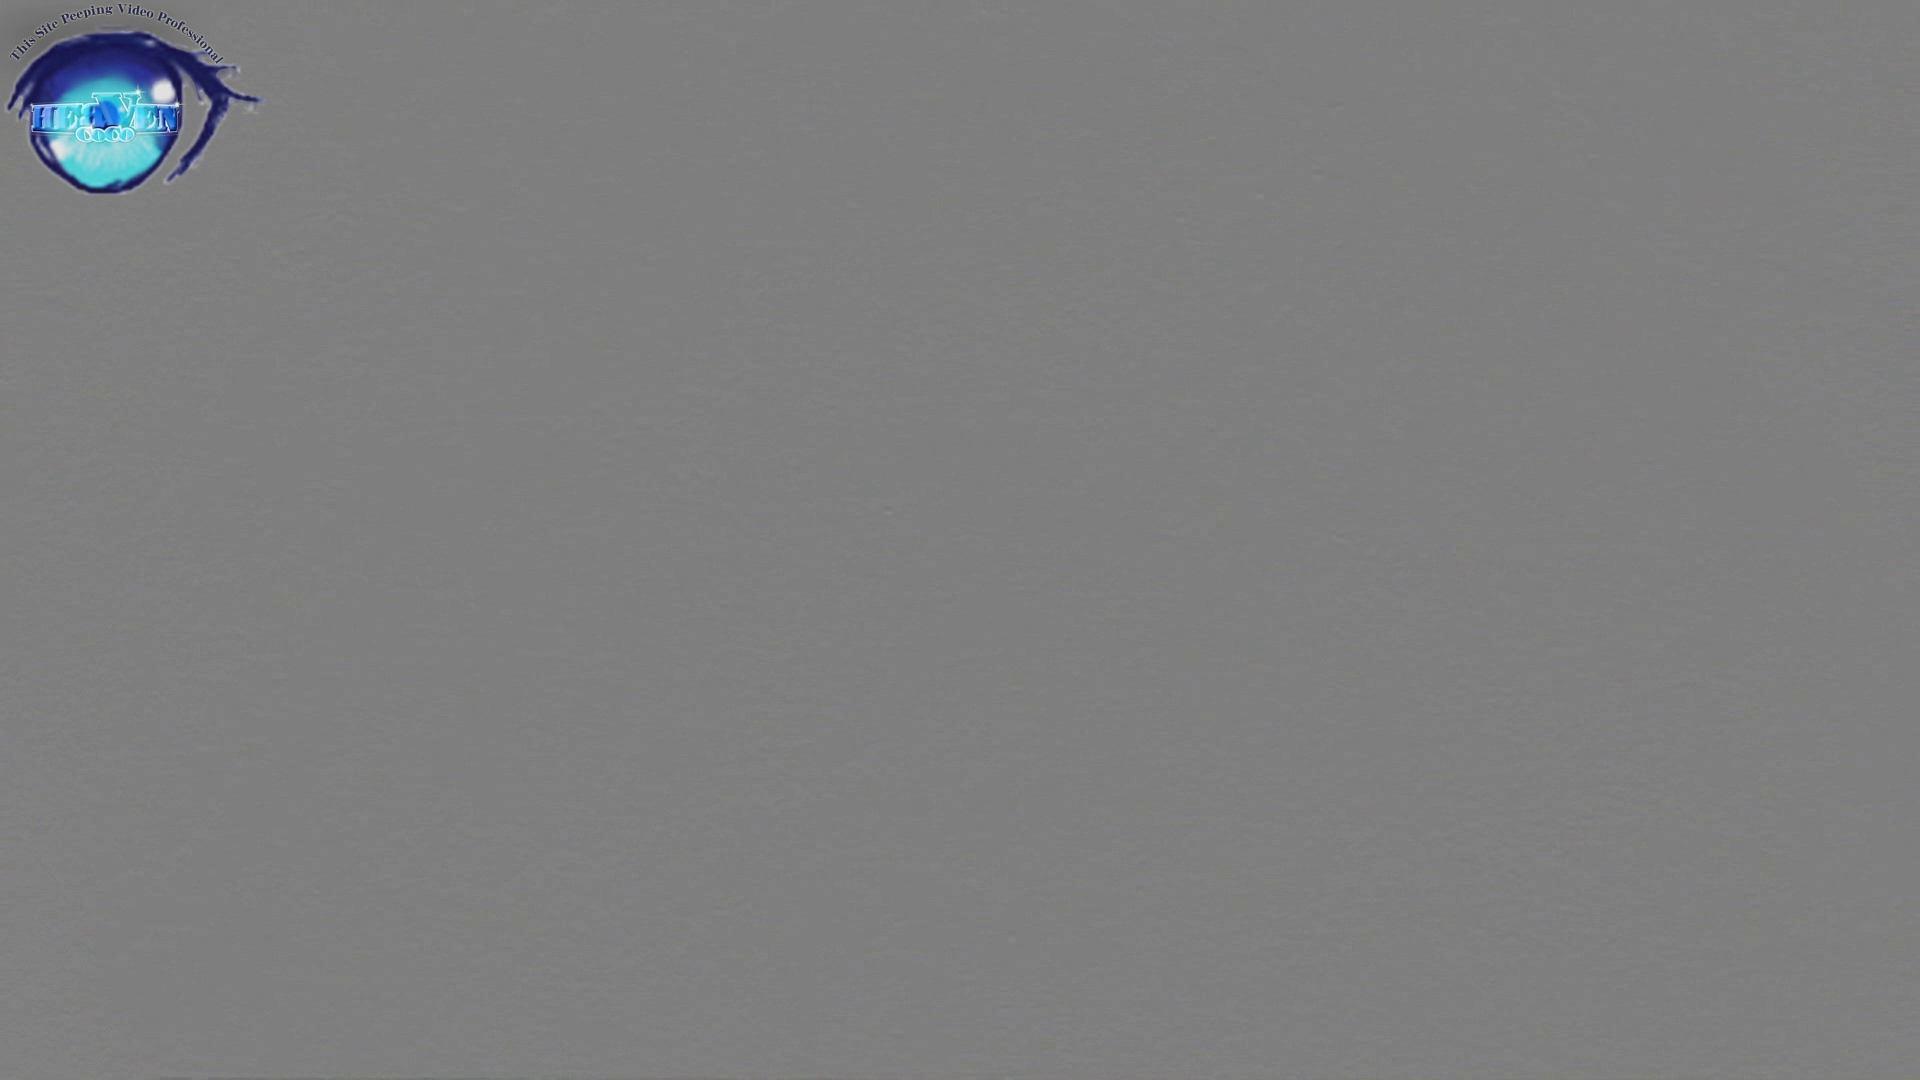 お銀さん vol.59 ピンチ!!「鏡の前で祈る女性」にばれる危機 後編 0   0  77連発 59